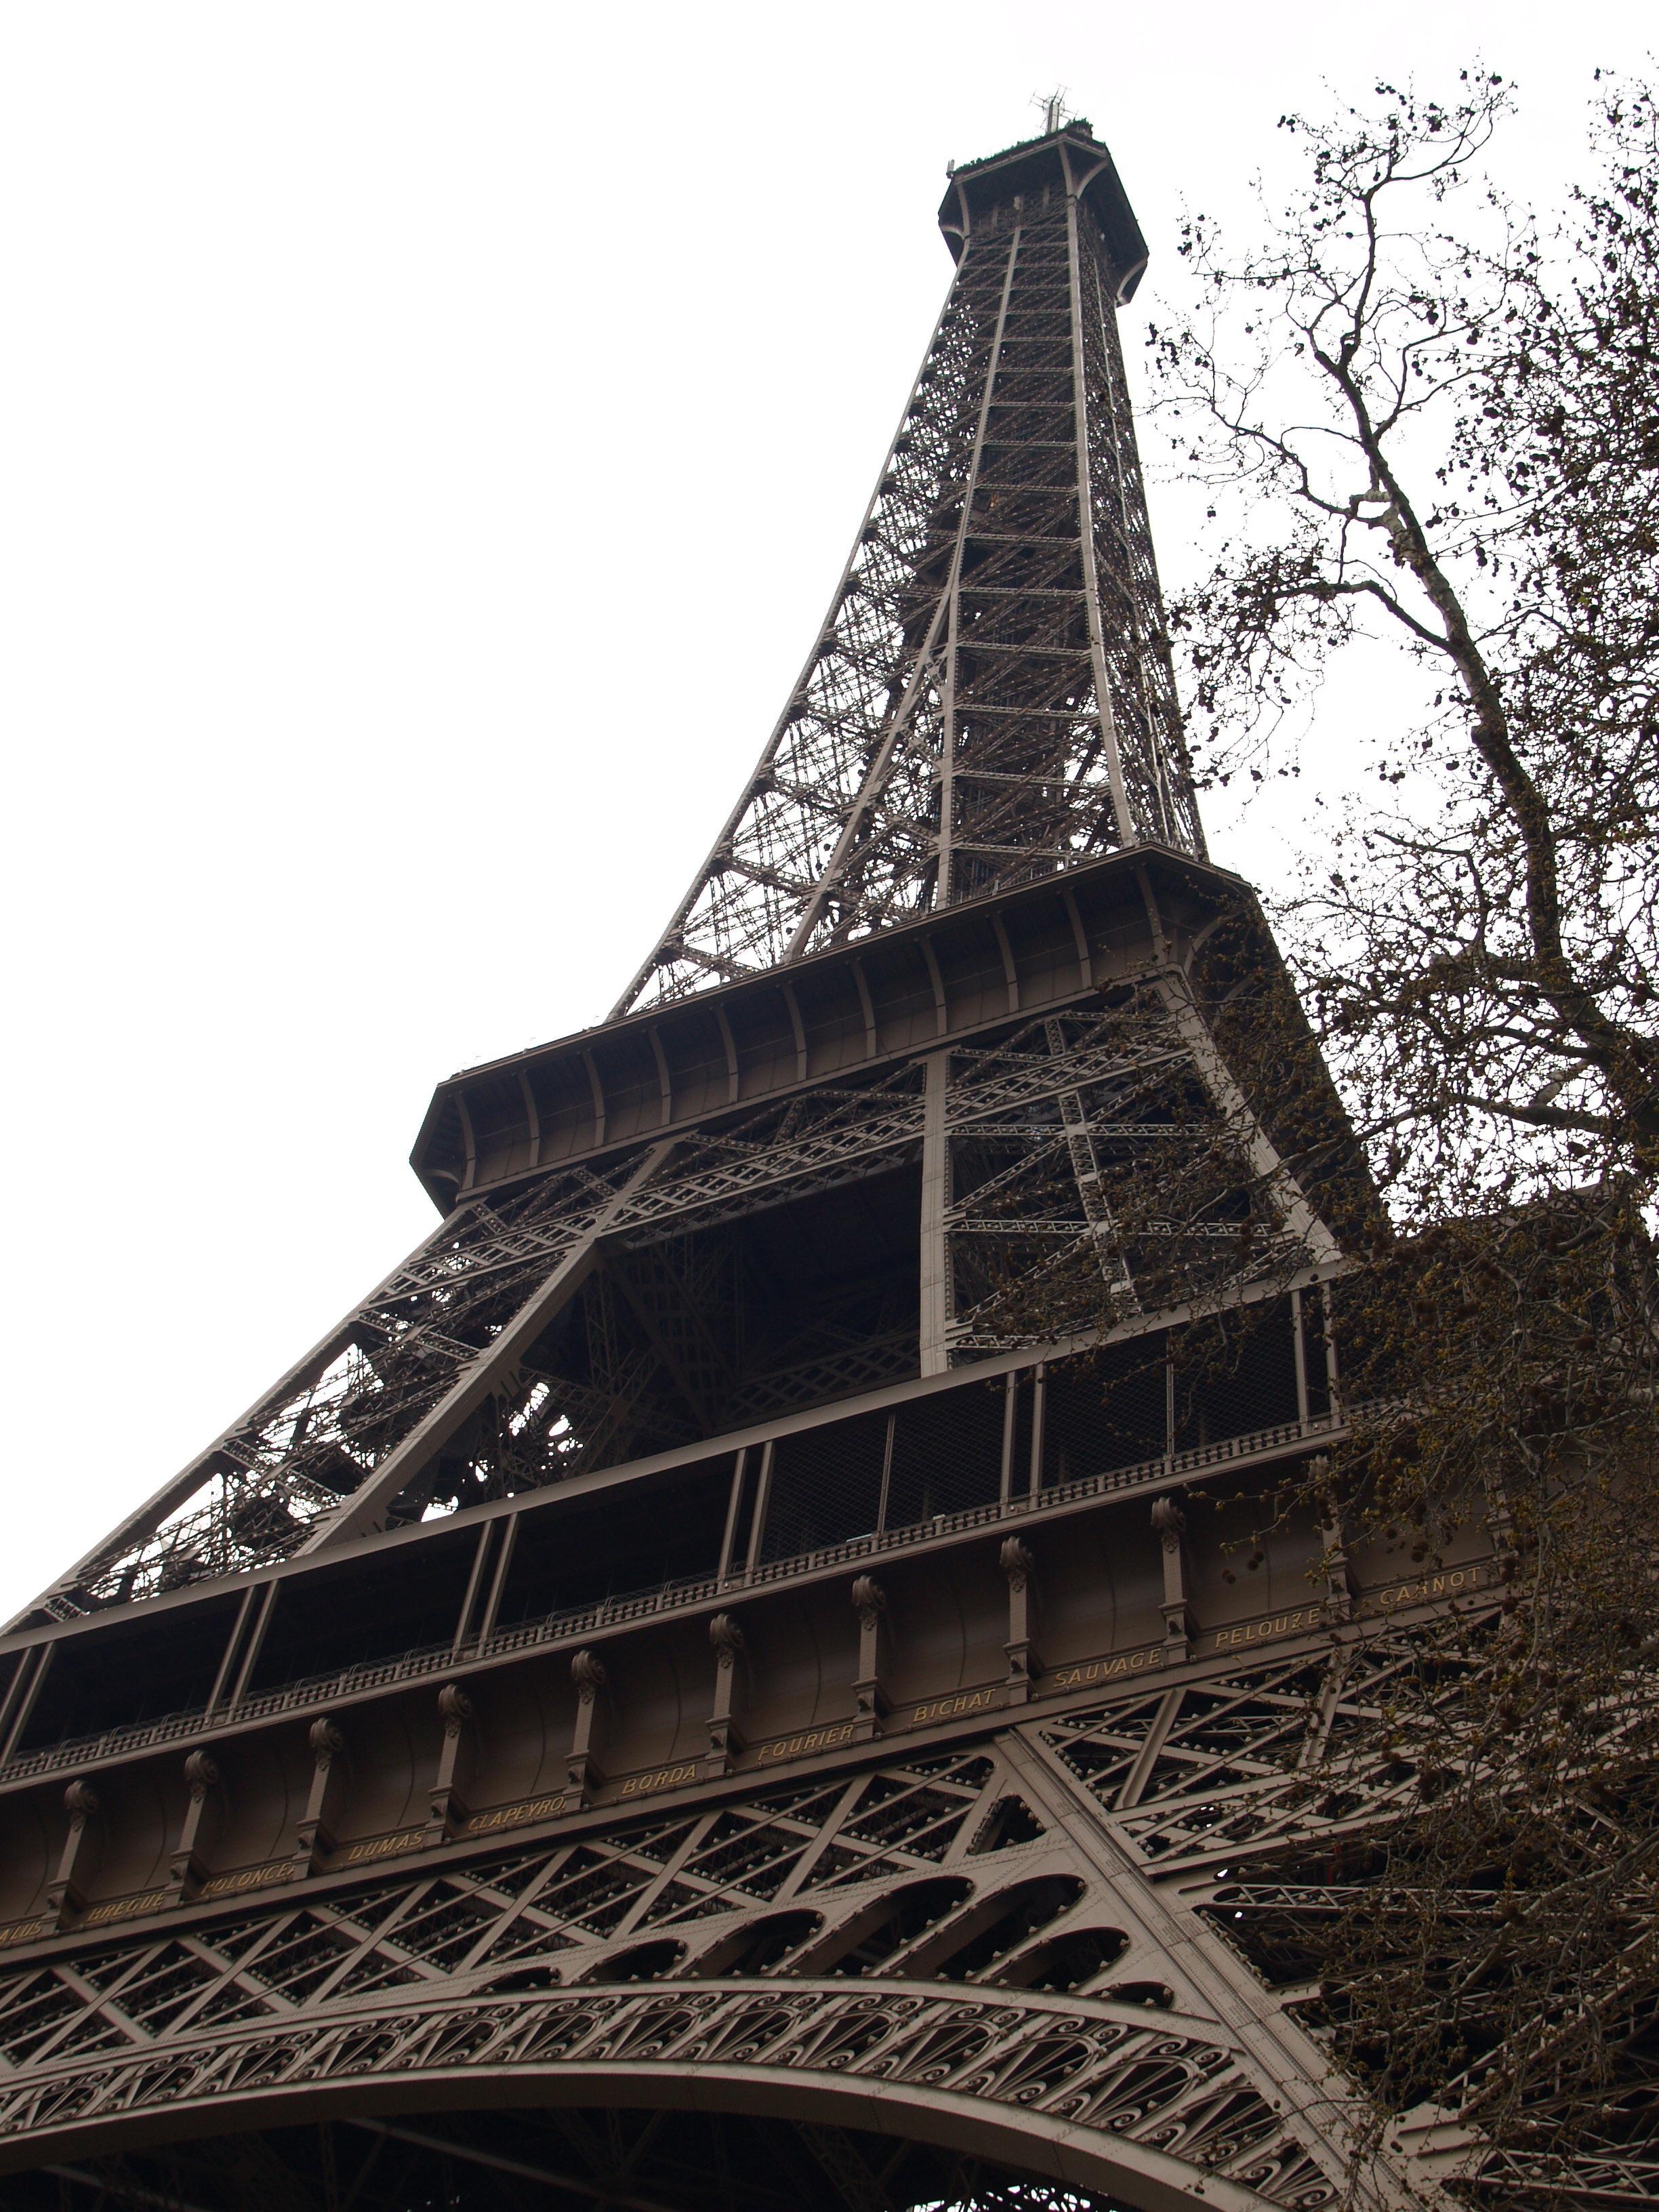 Plan Cul Clermont Ferrand ✅, Plan Cul Paris Et Rencontre Coquine Sexe à Paris